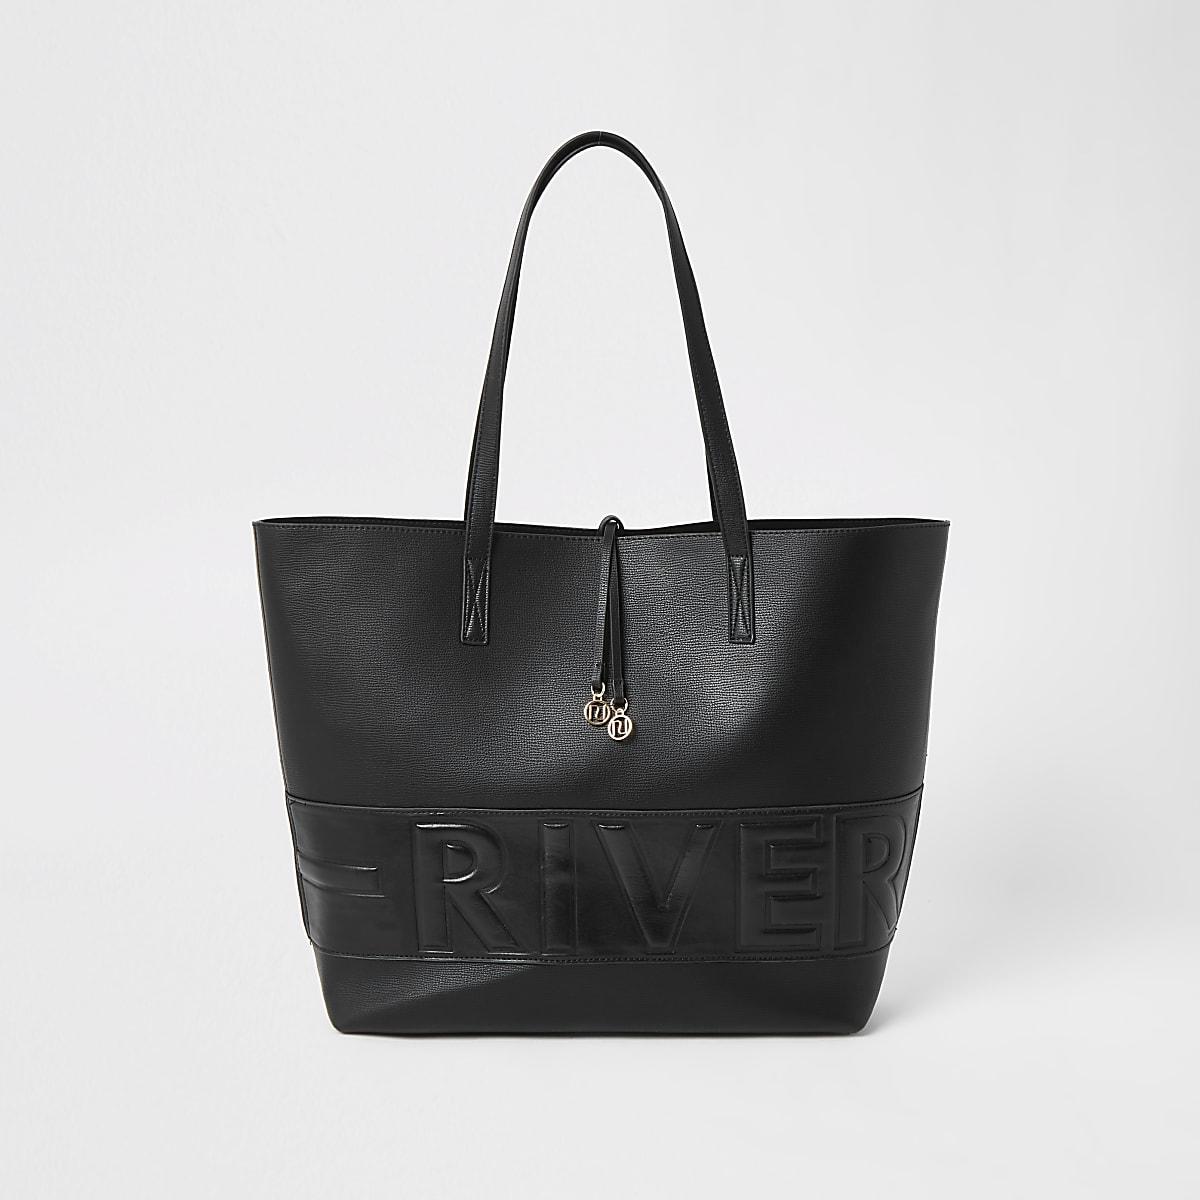 Zwarte shopper met River in reliëf